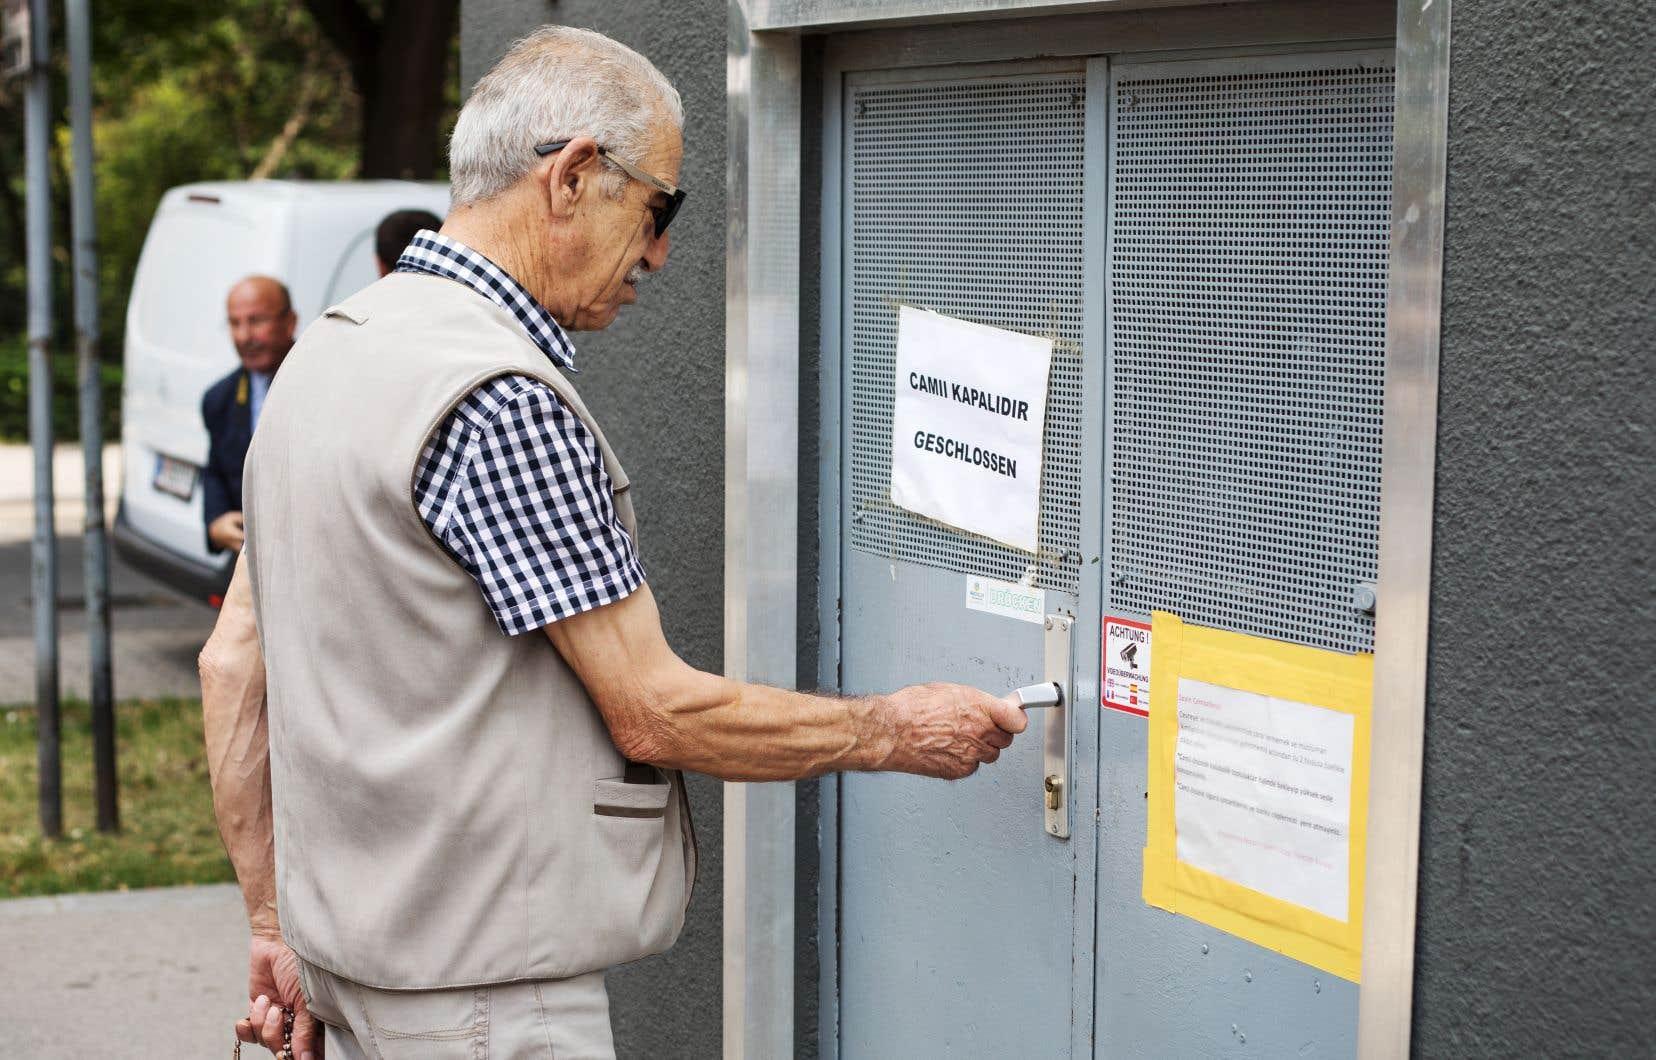 Un membre de la communauté d'une des mosquées fermées, à Vienne. Des représentants de ces lieux de prière sont accusés d'avoir tenu des propos prêchant un islam radical.